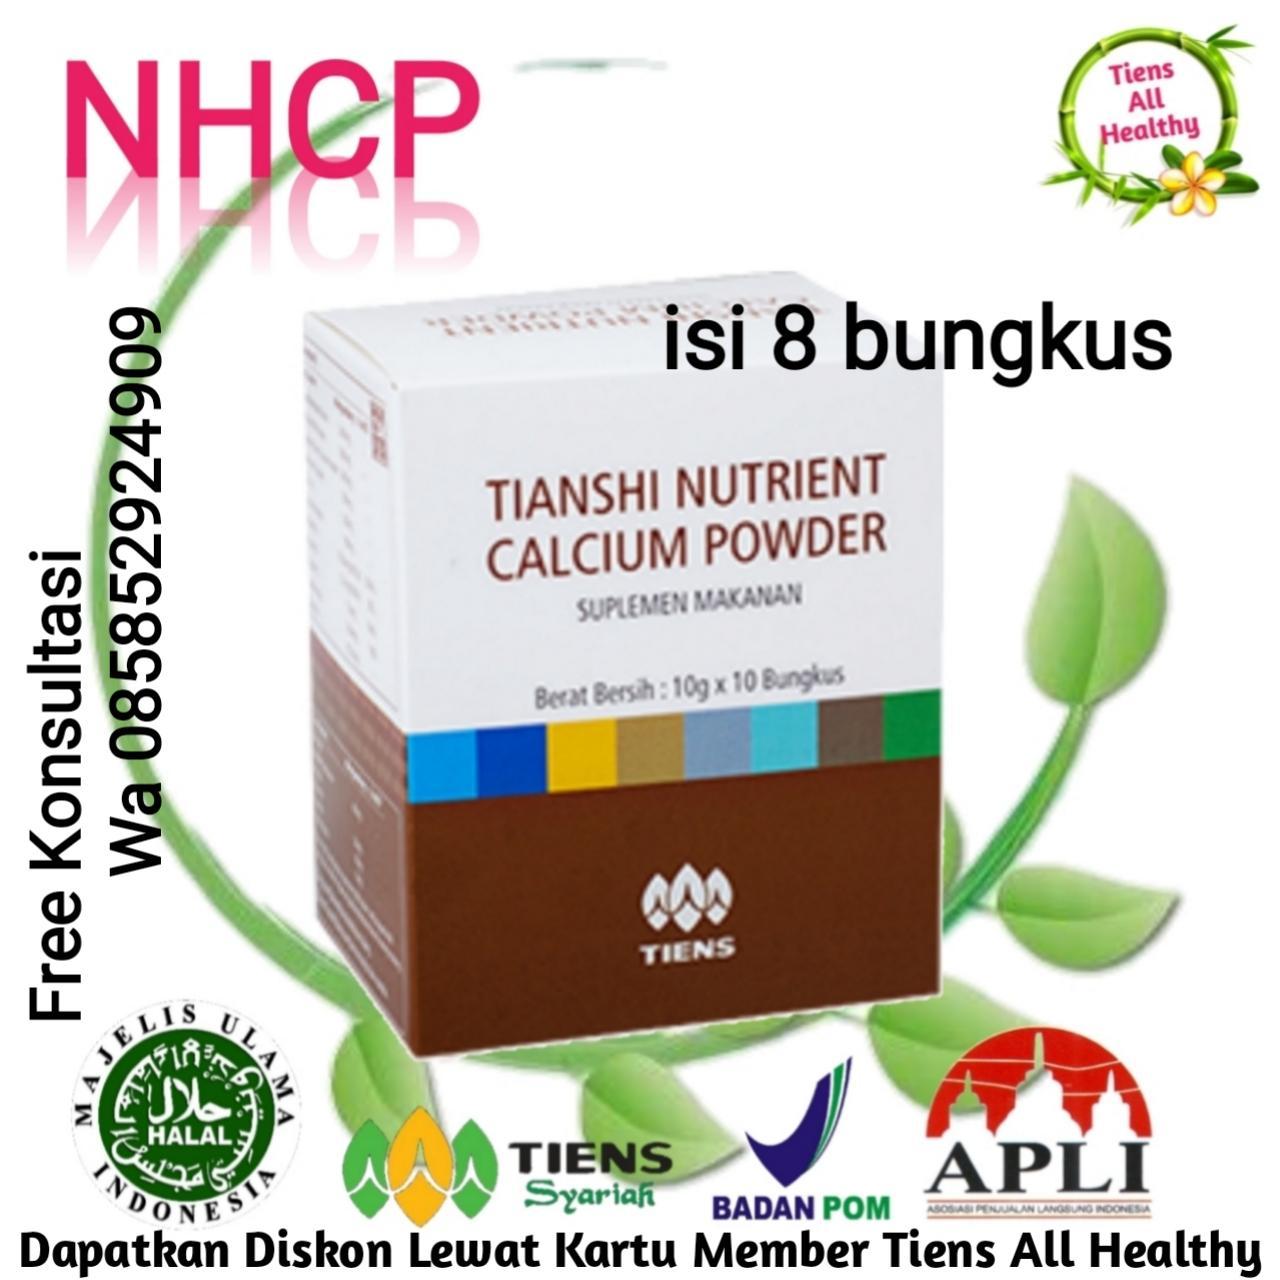 Suplemen Peninggi Badan / ECER / Susu Peninggi Terbaik Dunia / Testing / NHCP (8 sachet) Tiens All Healthy + GRATIS Kartu Diskon Member Tiens All Healthy